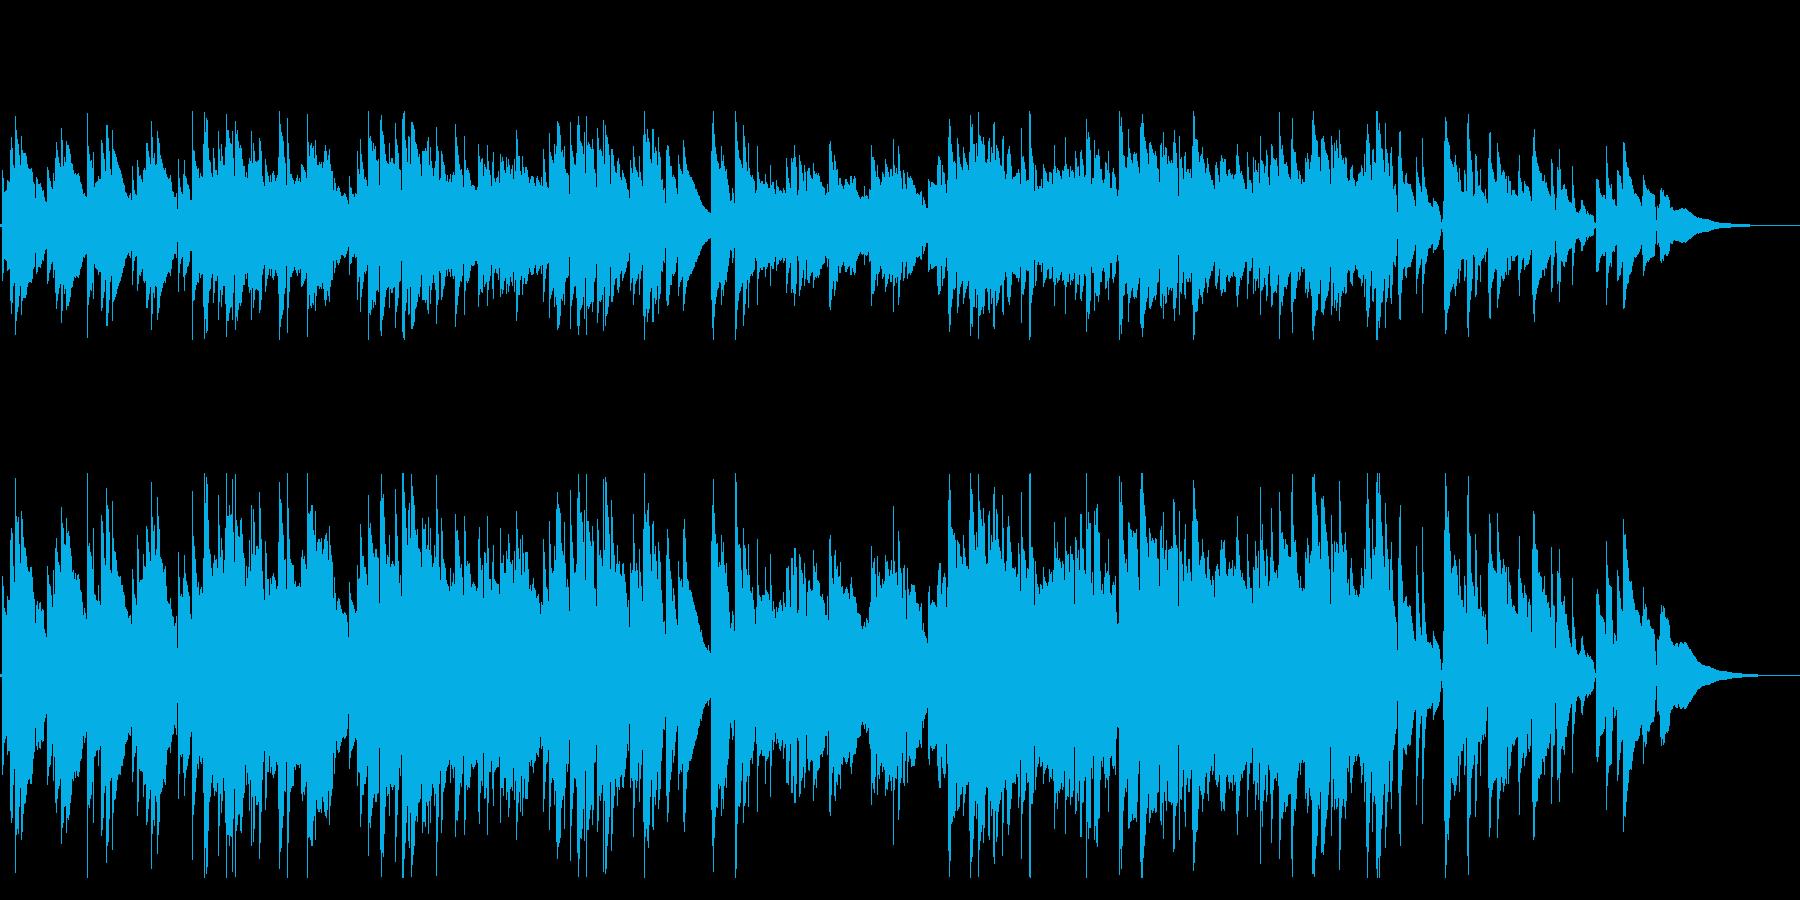 ガットギターによる暖かく牧歌的な曲の再生済みの波形